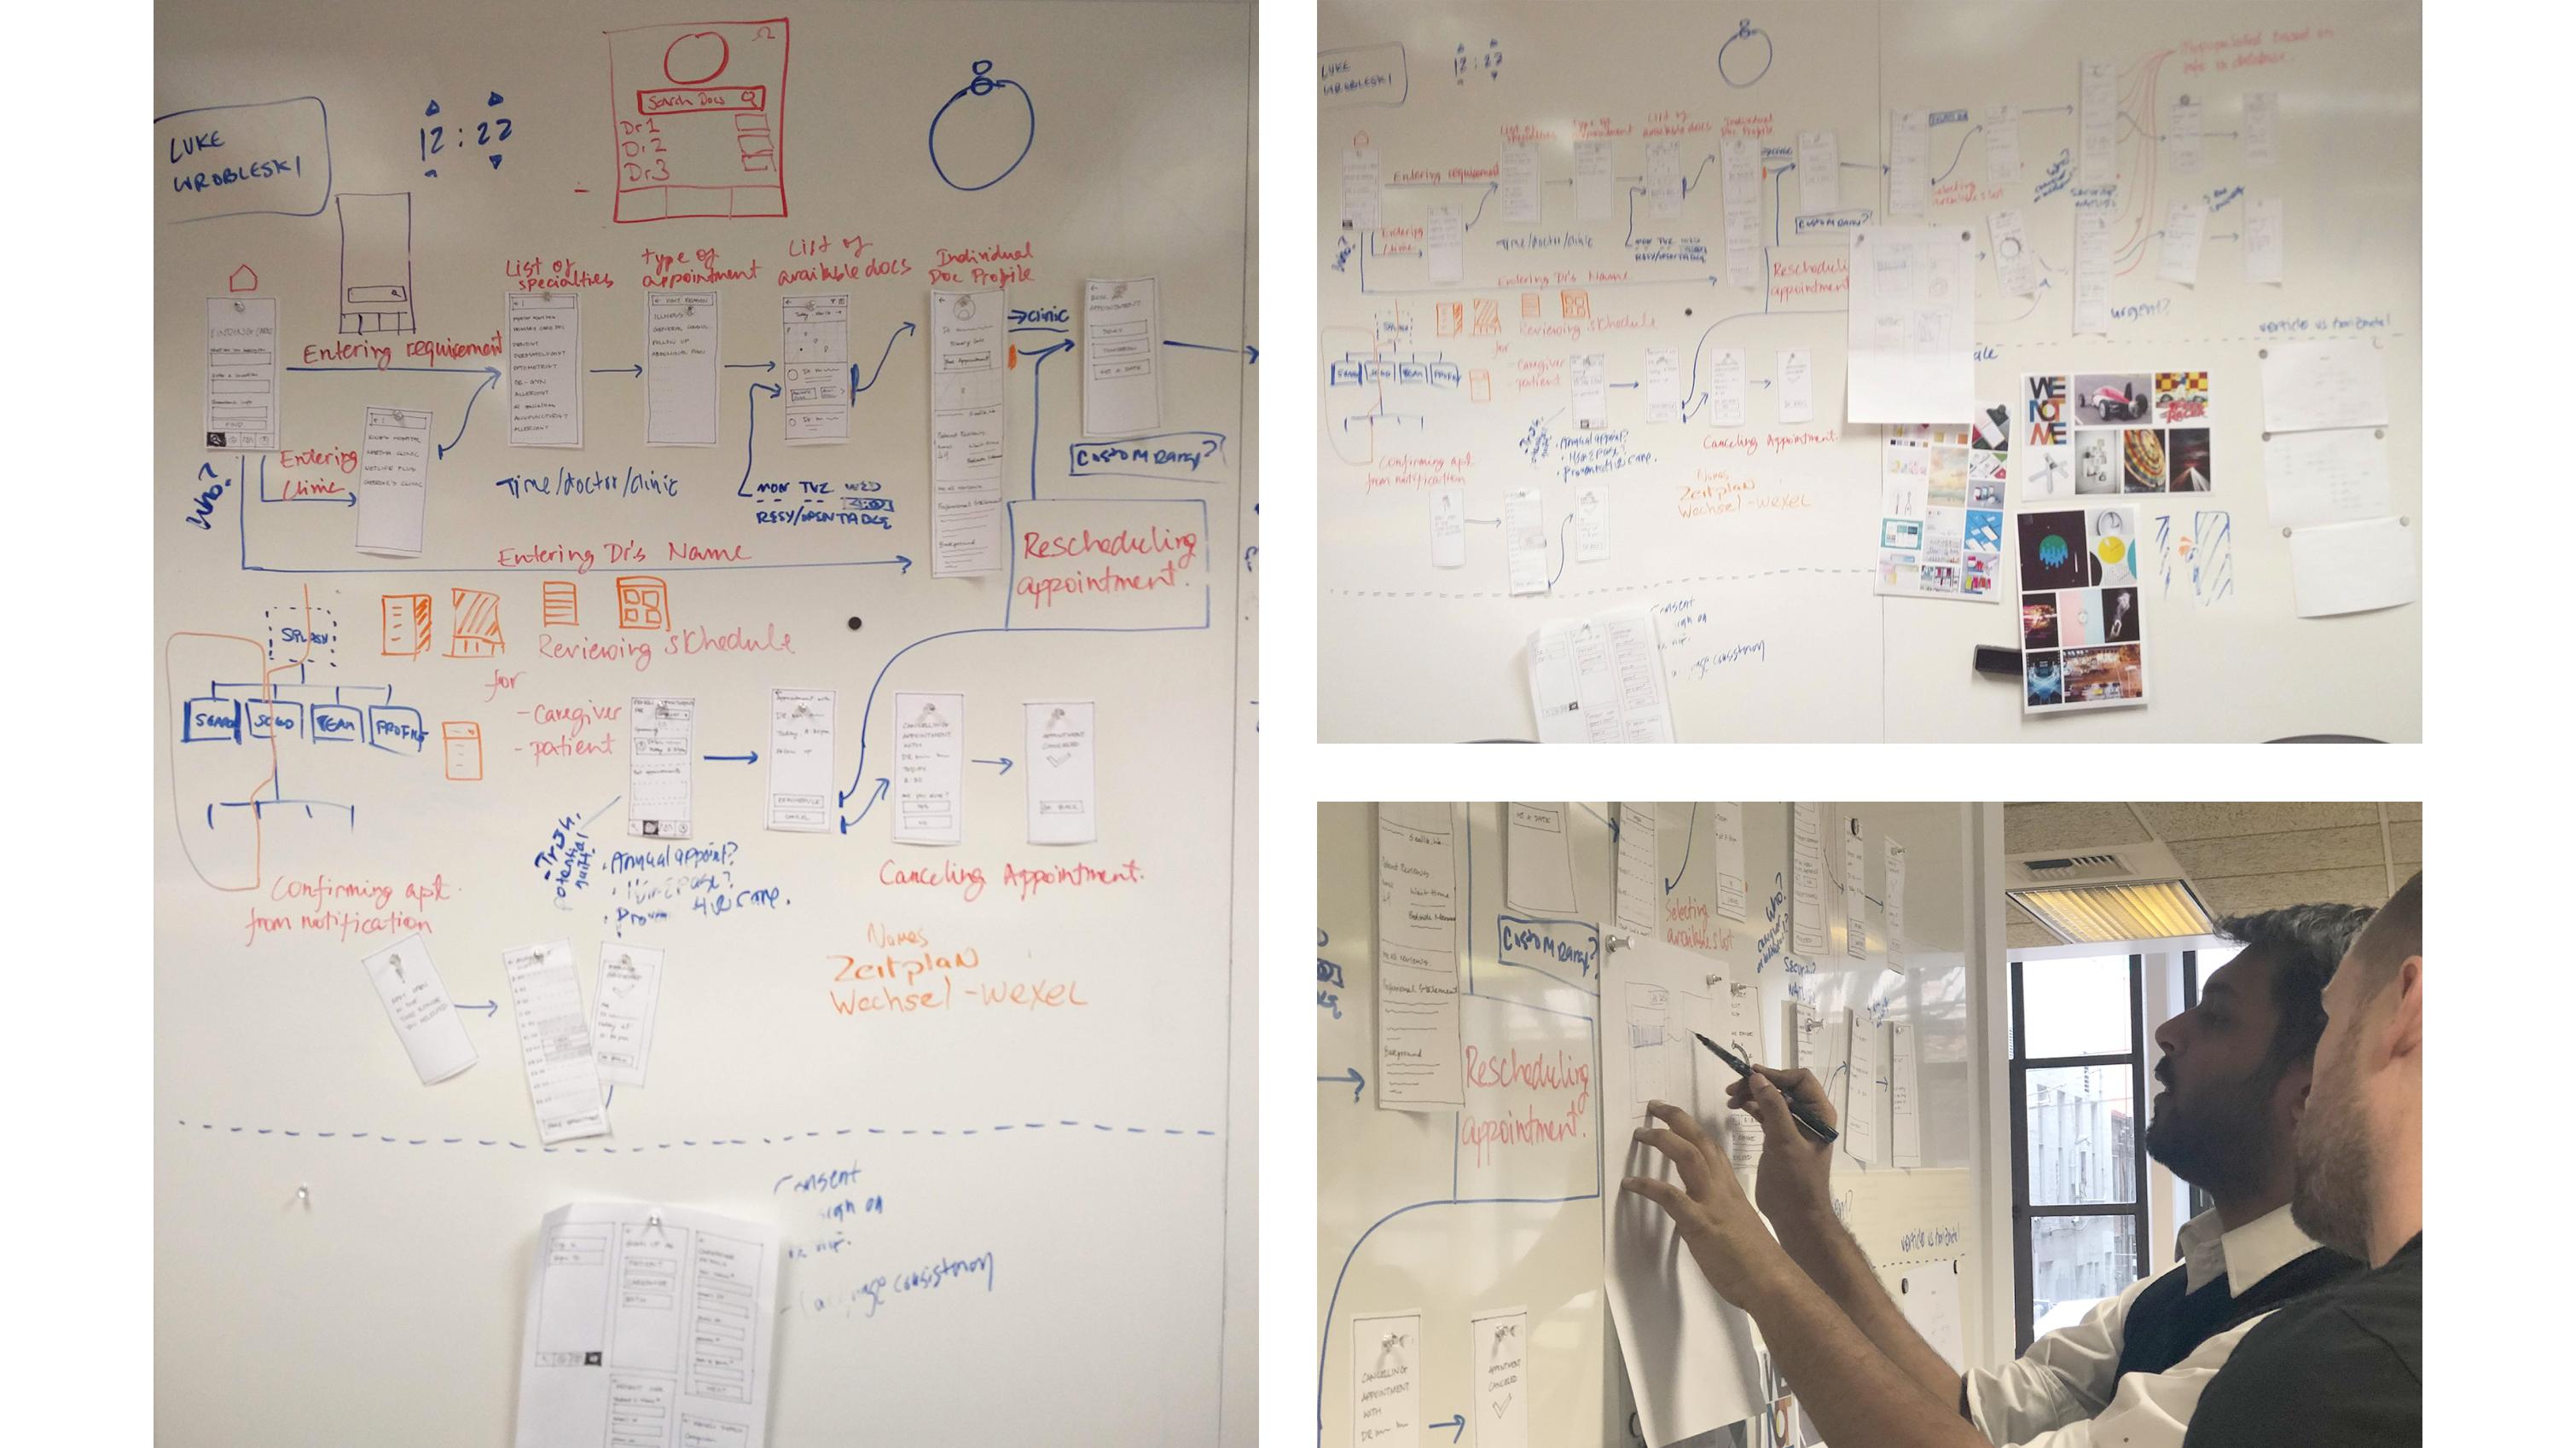 Paper-prototype-photos